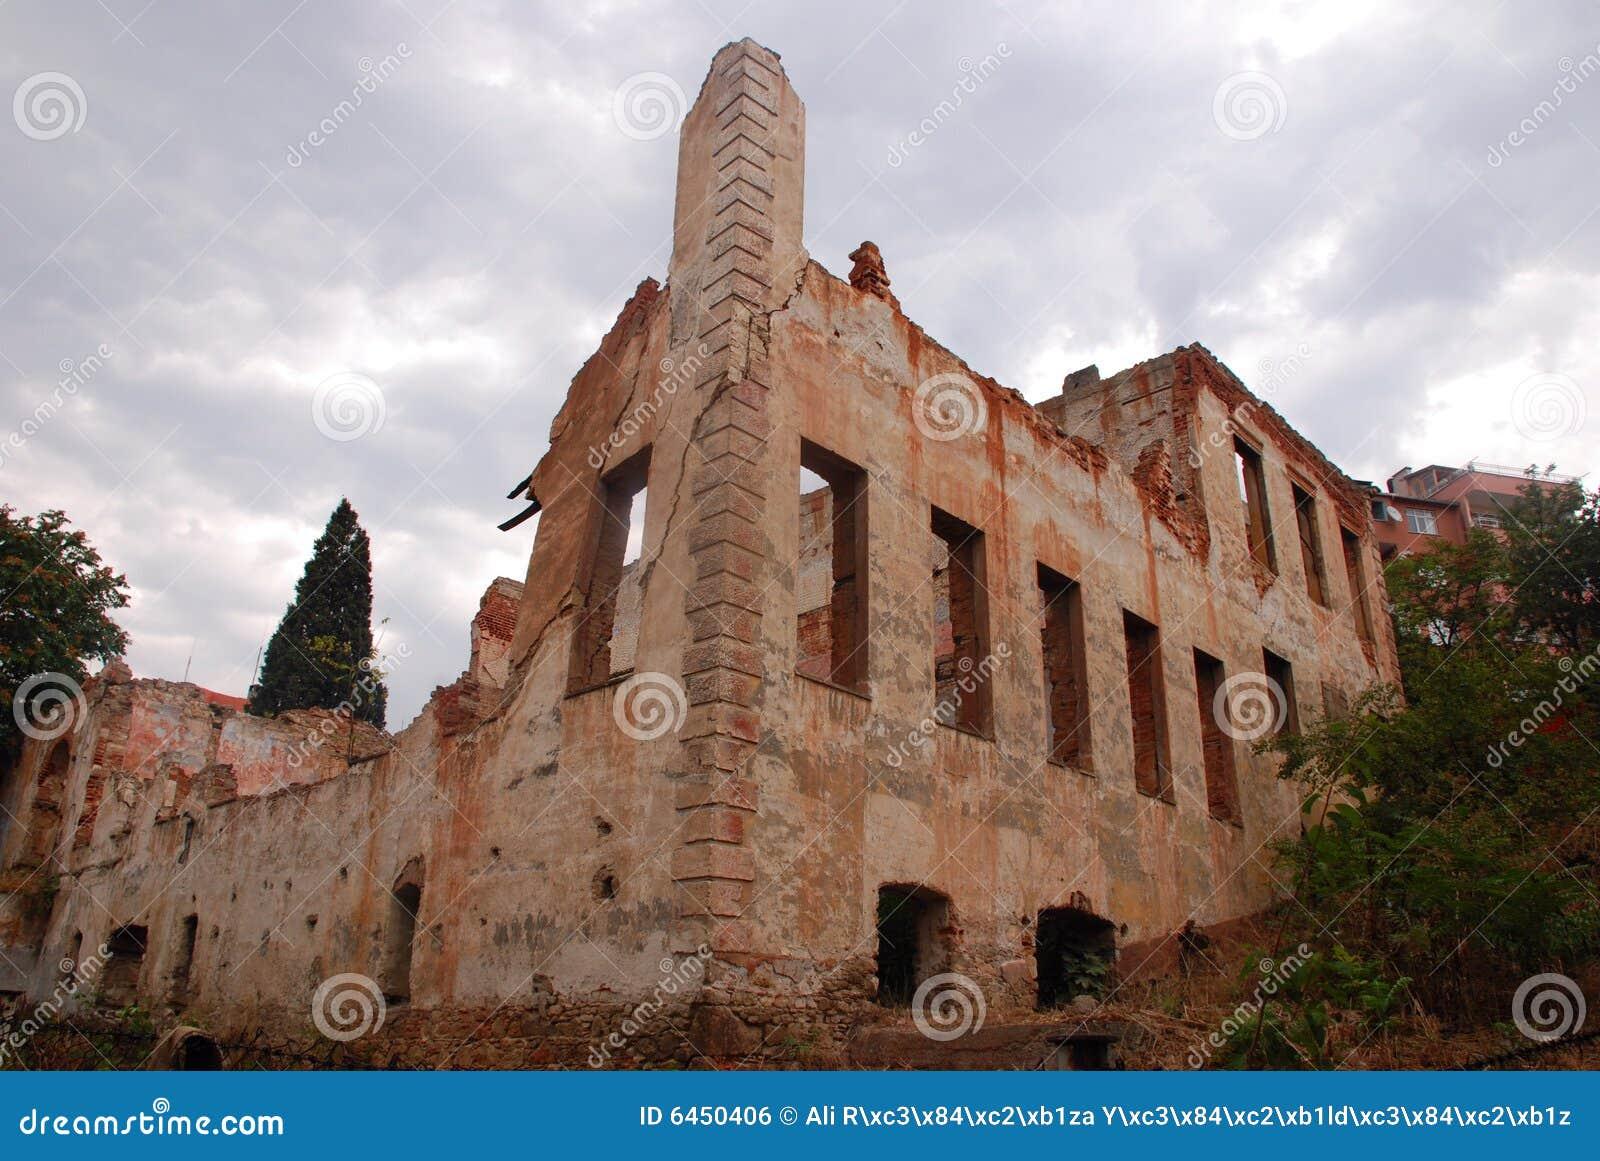 Stare wraki zbudowane